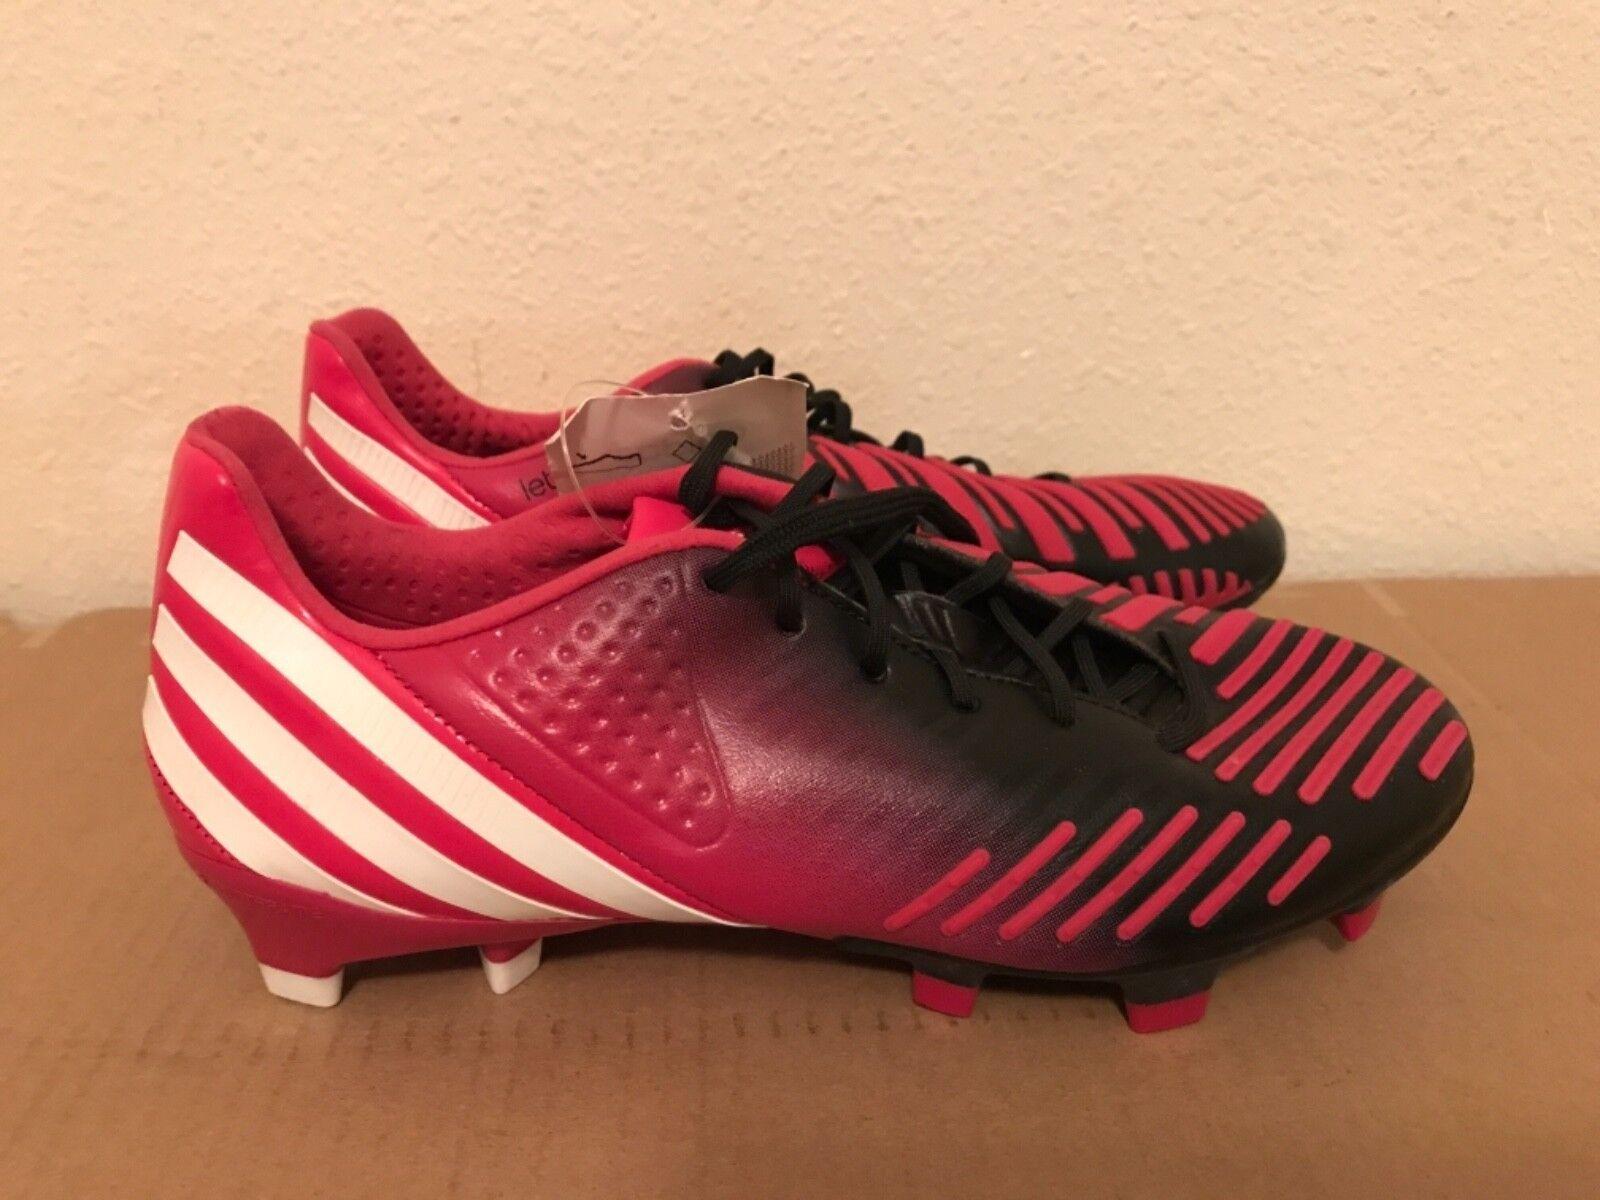 1e8346d8d68 Adidas Adidas Adidas Women s Predator LZ TRX FG G60124 Soccer Cleats Size  6.5 8d3ac8